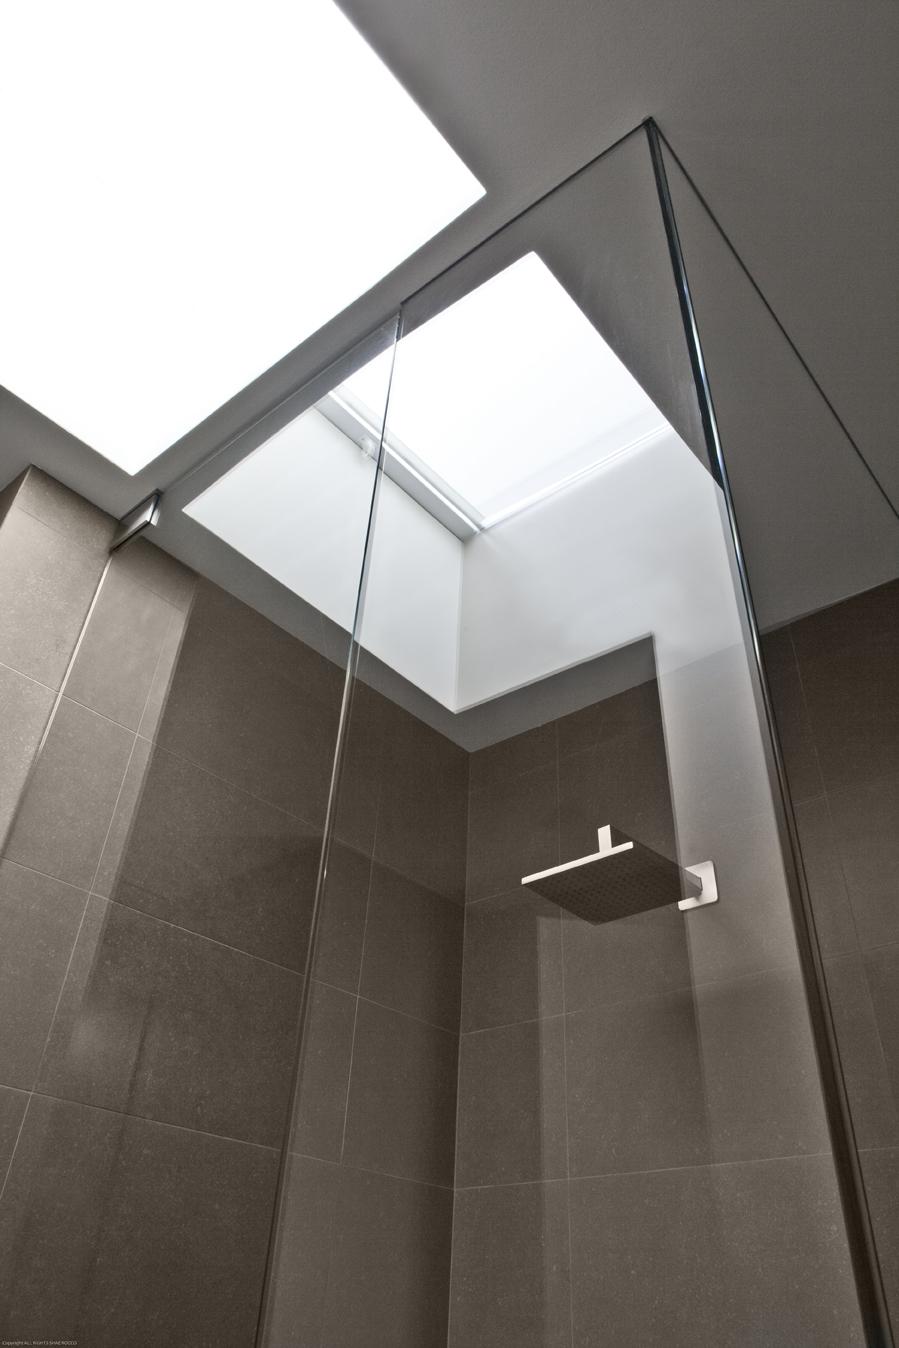 Guest_Bath-7267-Edit.jpg